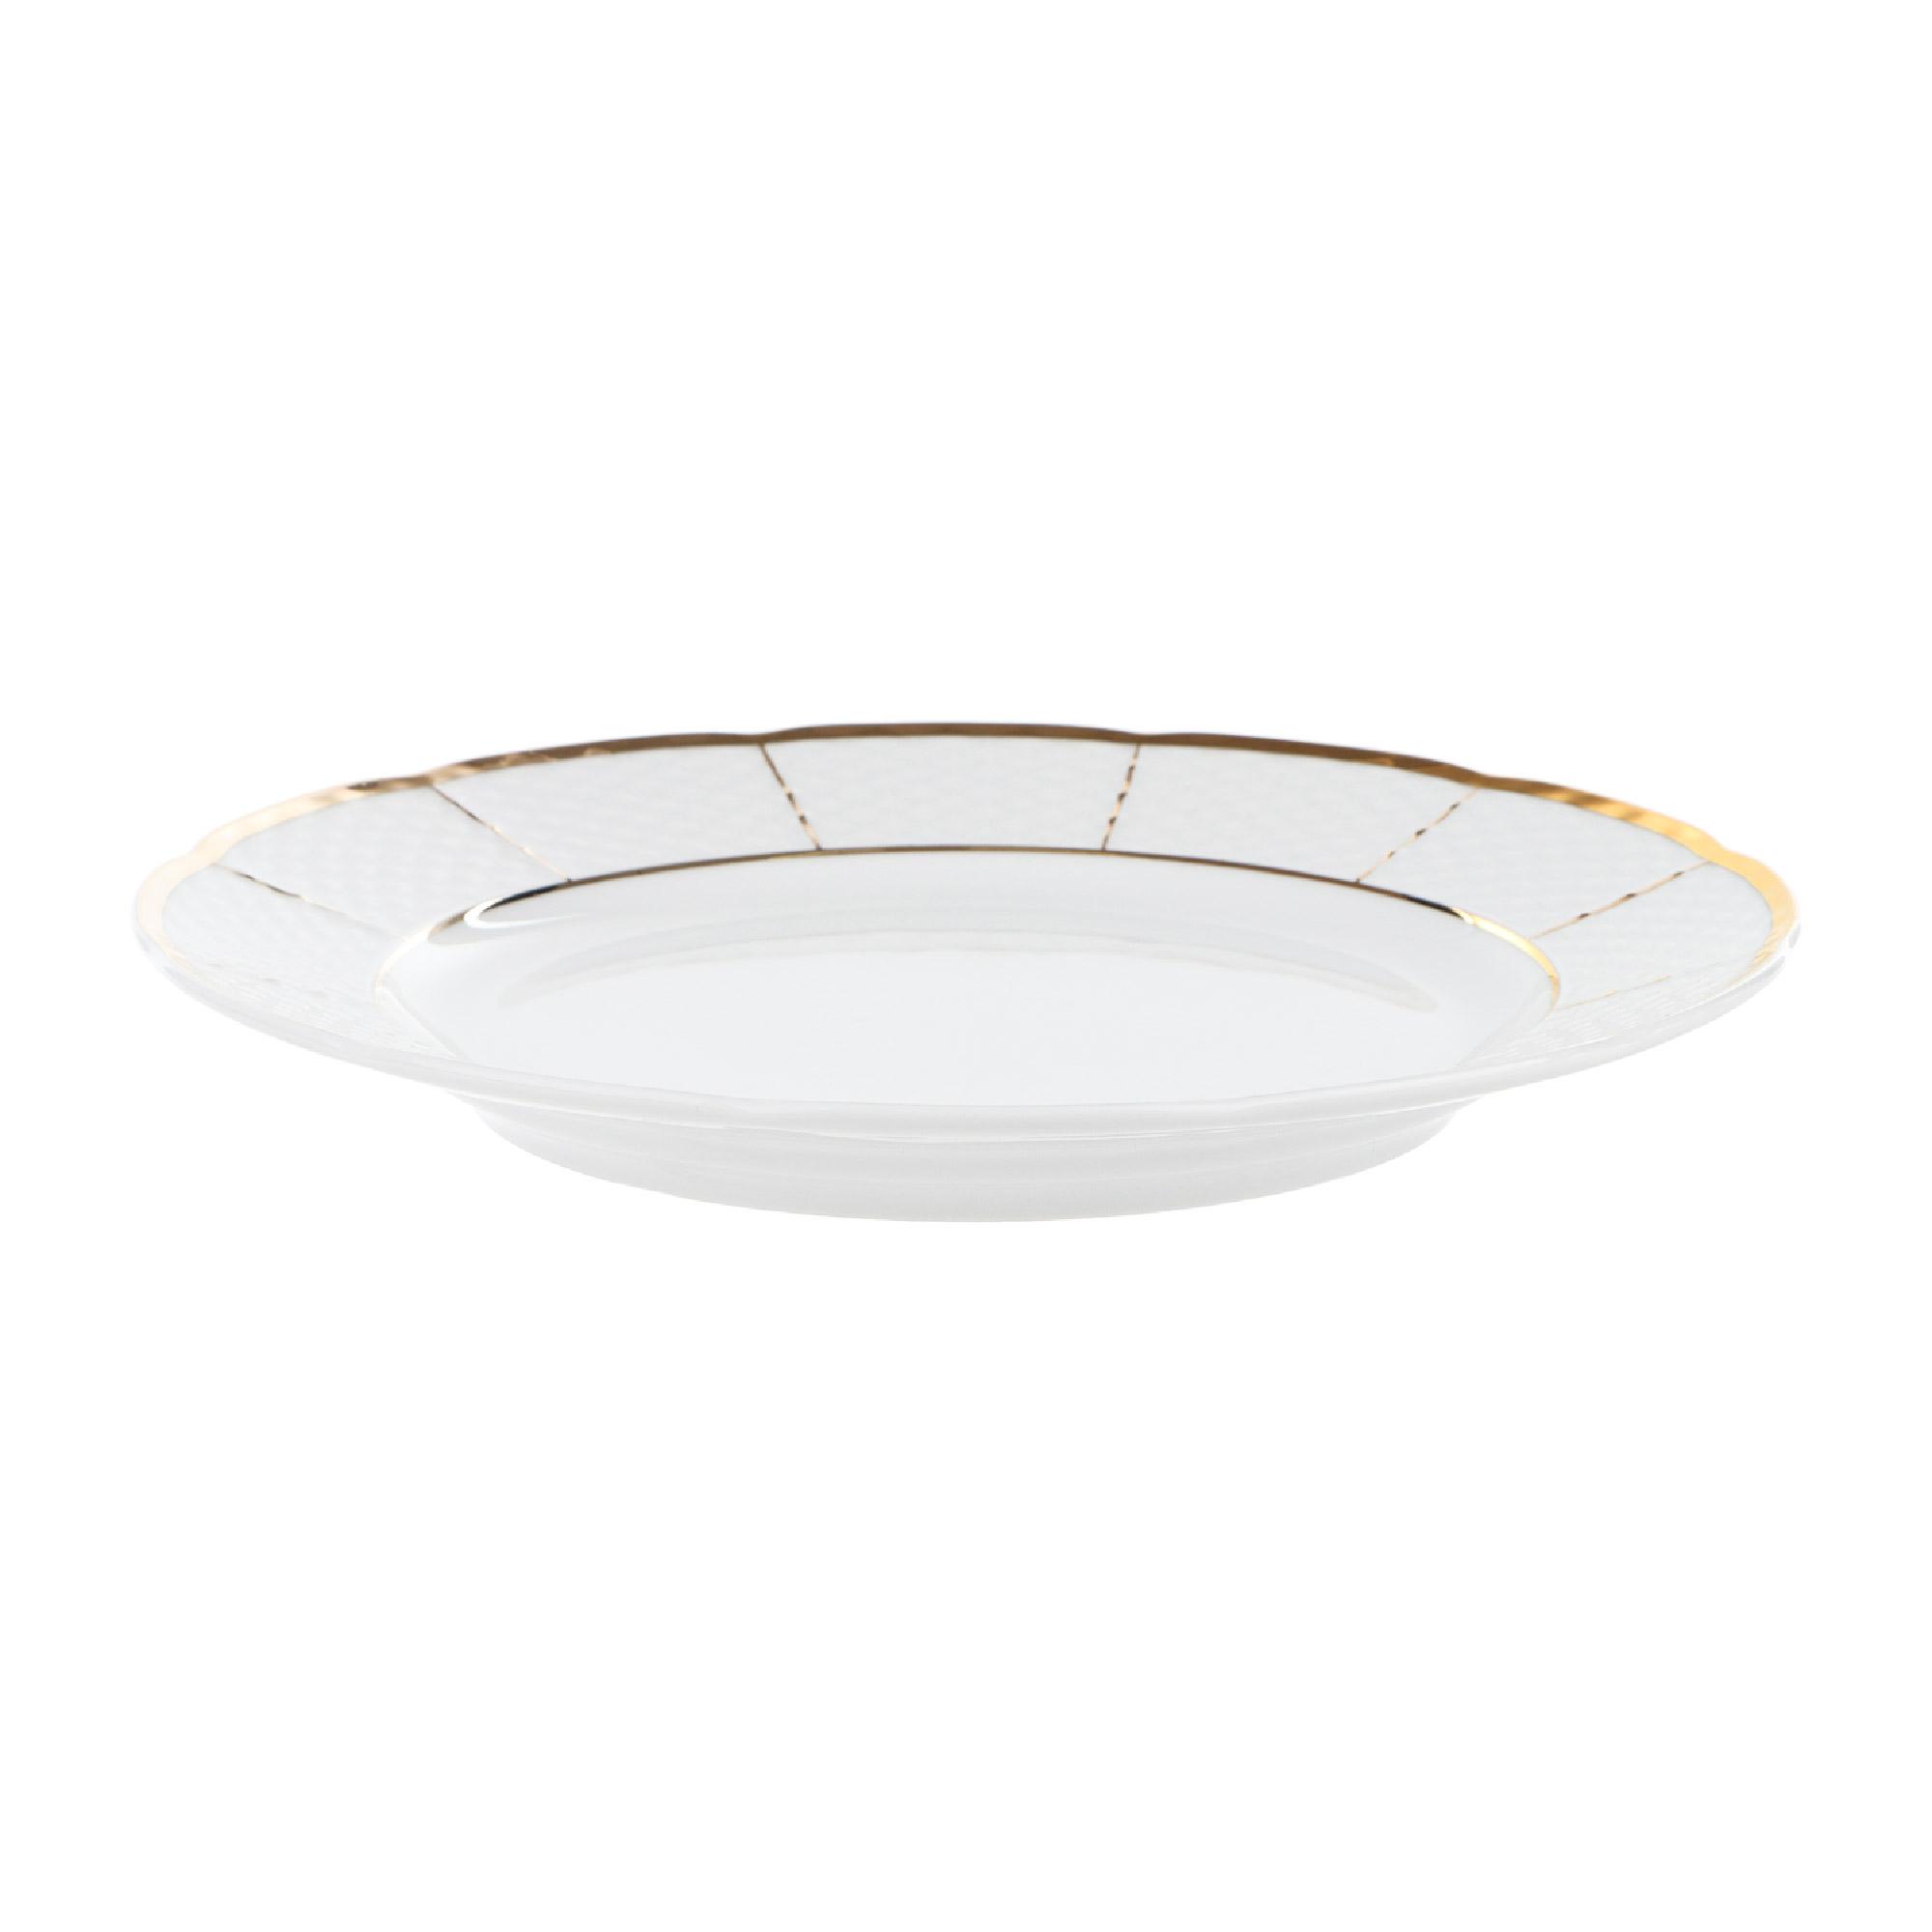 Тарелка мелкая 24 см; Менуэт, декор Отводка золото, золотые держатели Thun1794 фото